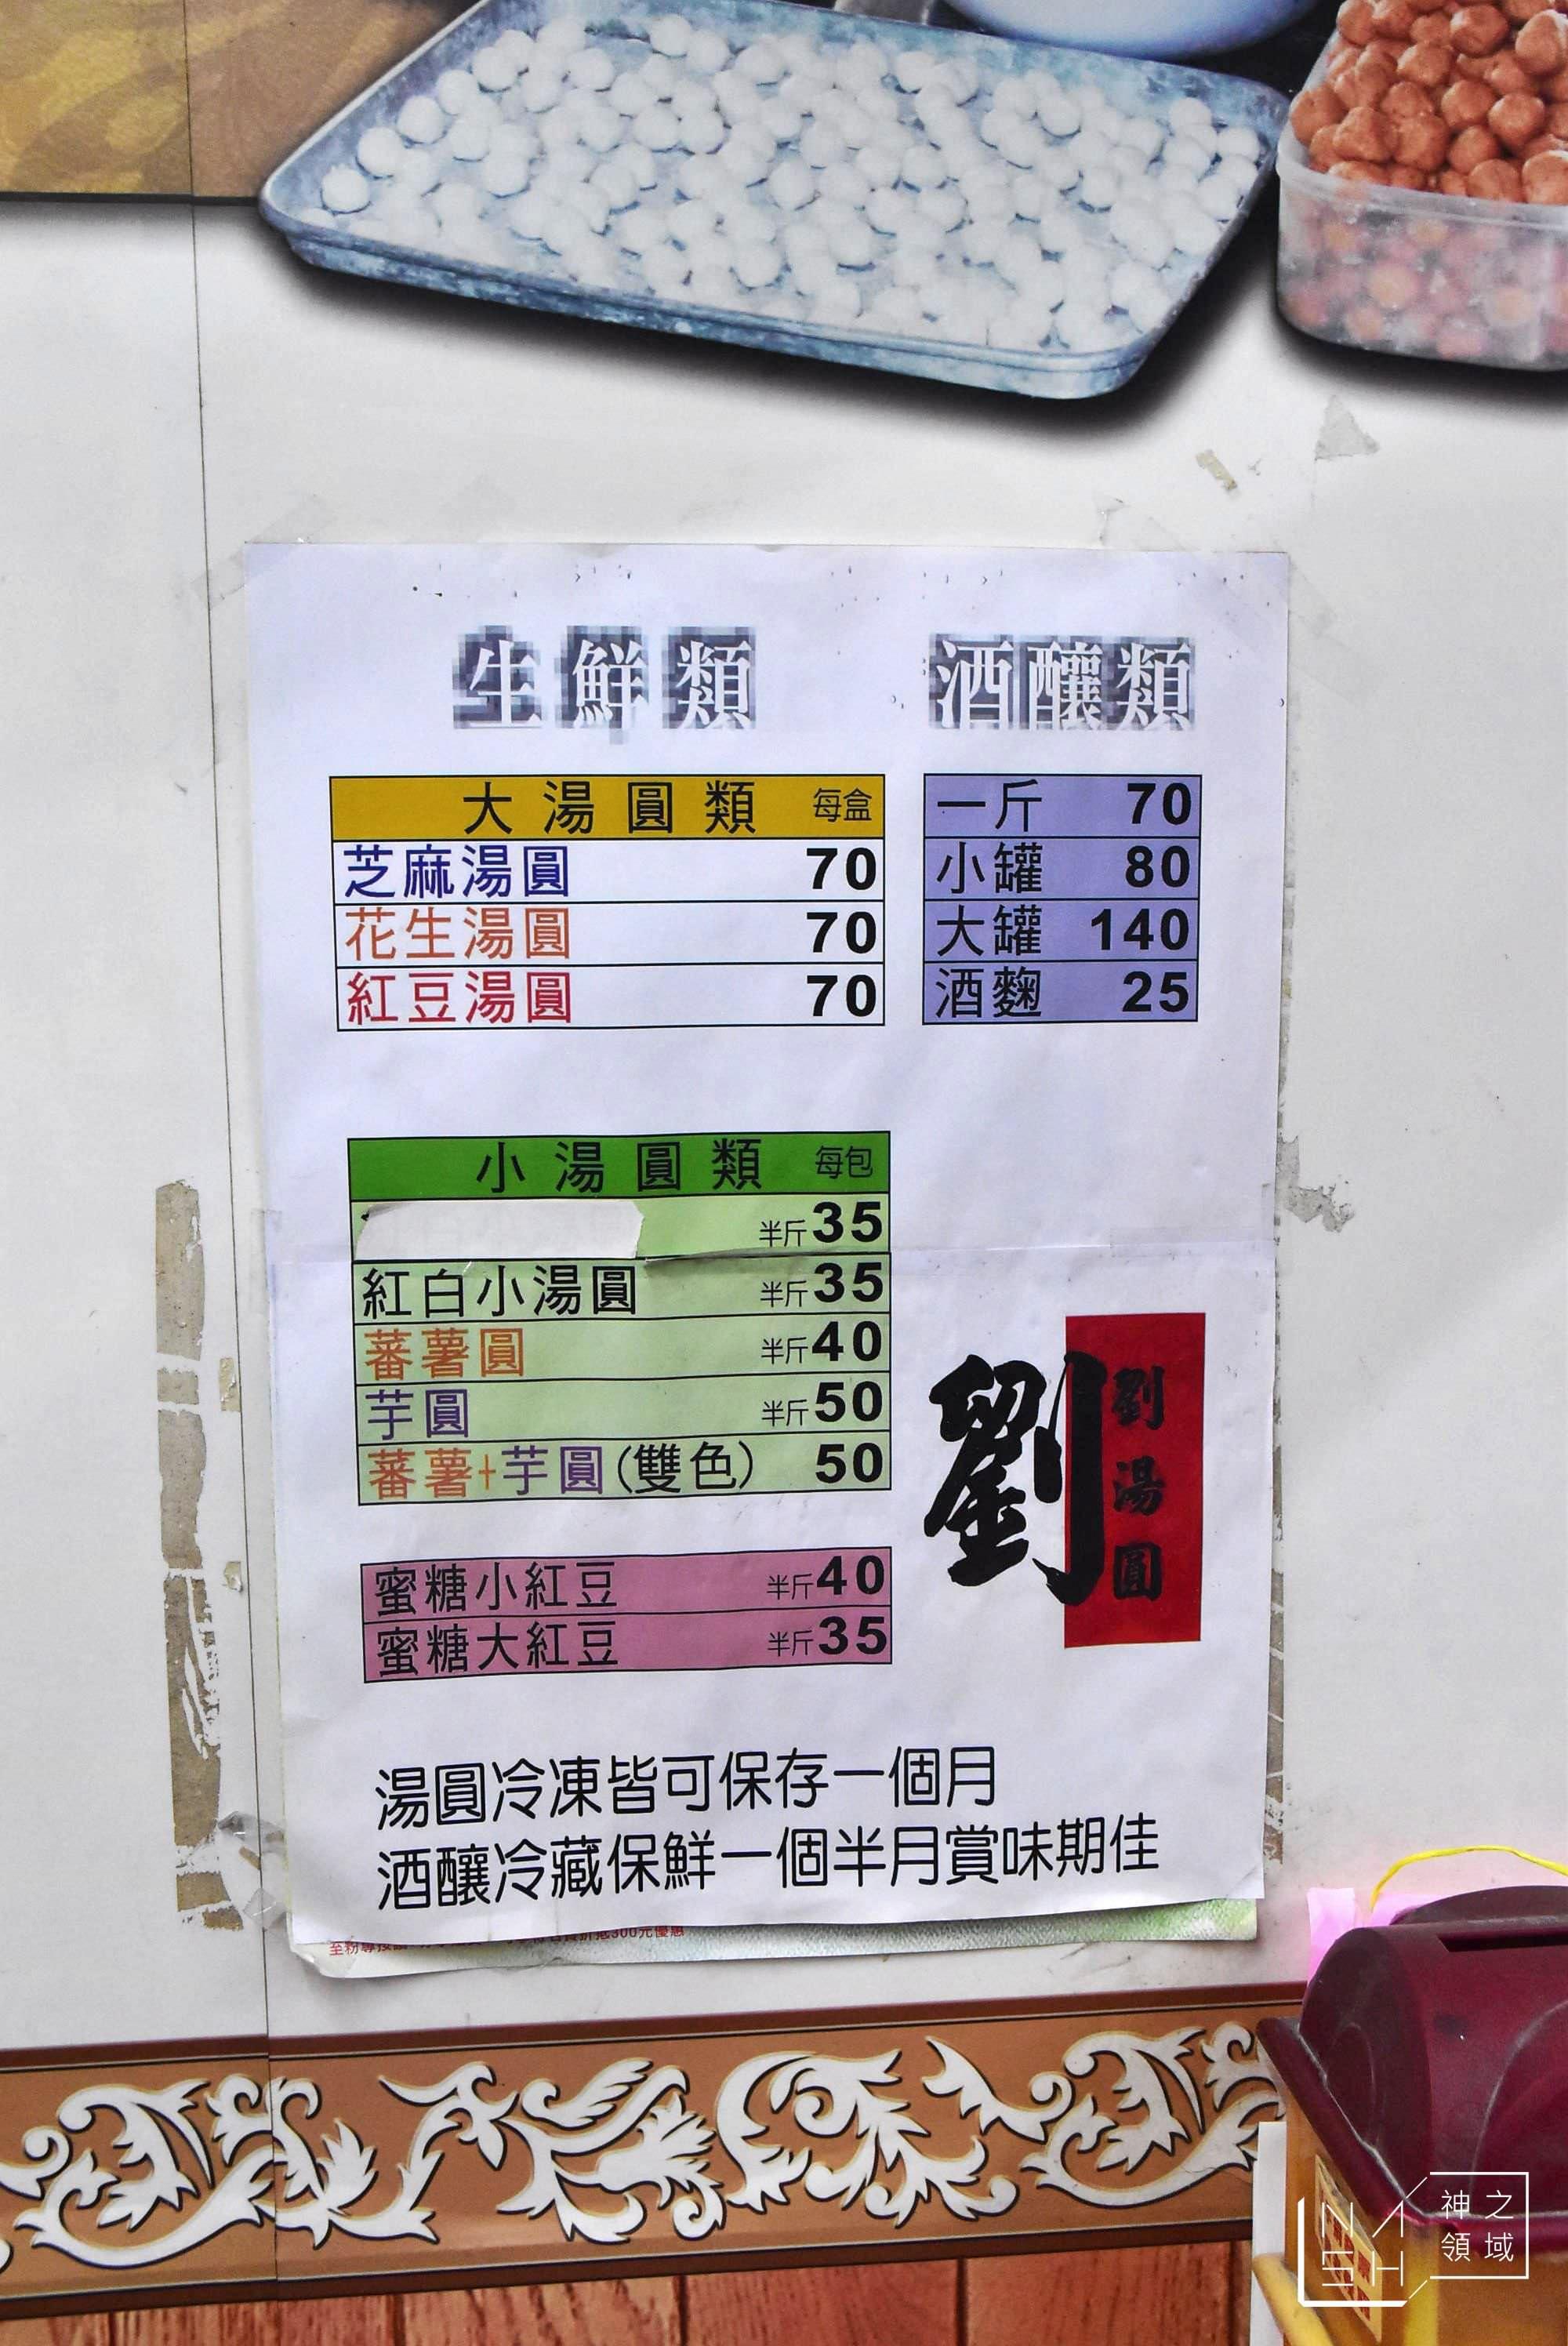 劉湯圓甜酒釀燒冷冰,嘉義甜點,嘉義湯圓,劉湯圓,嘉義美食懶人包